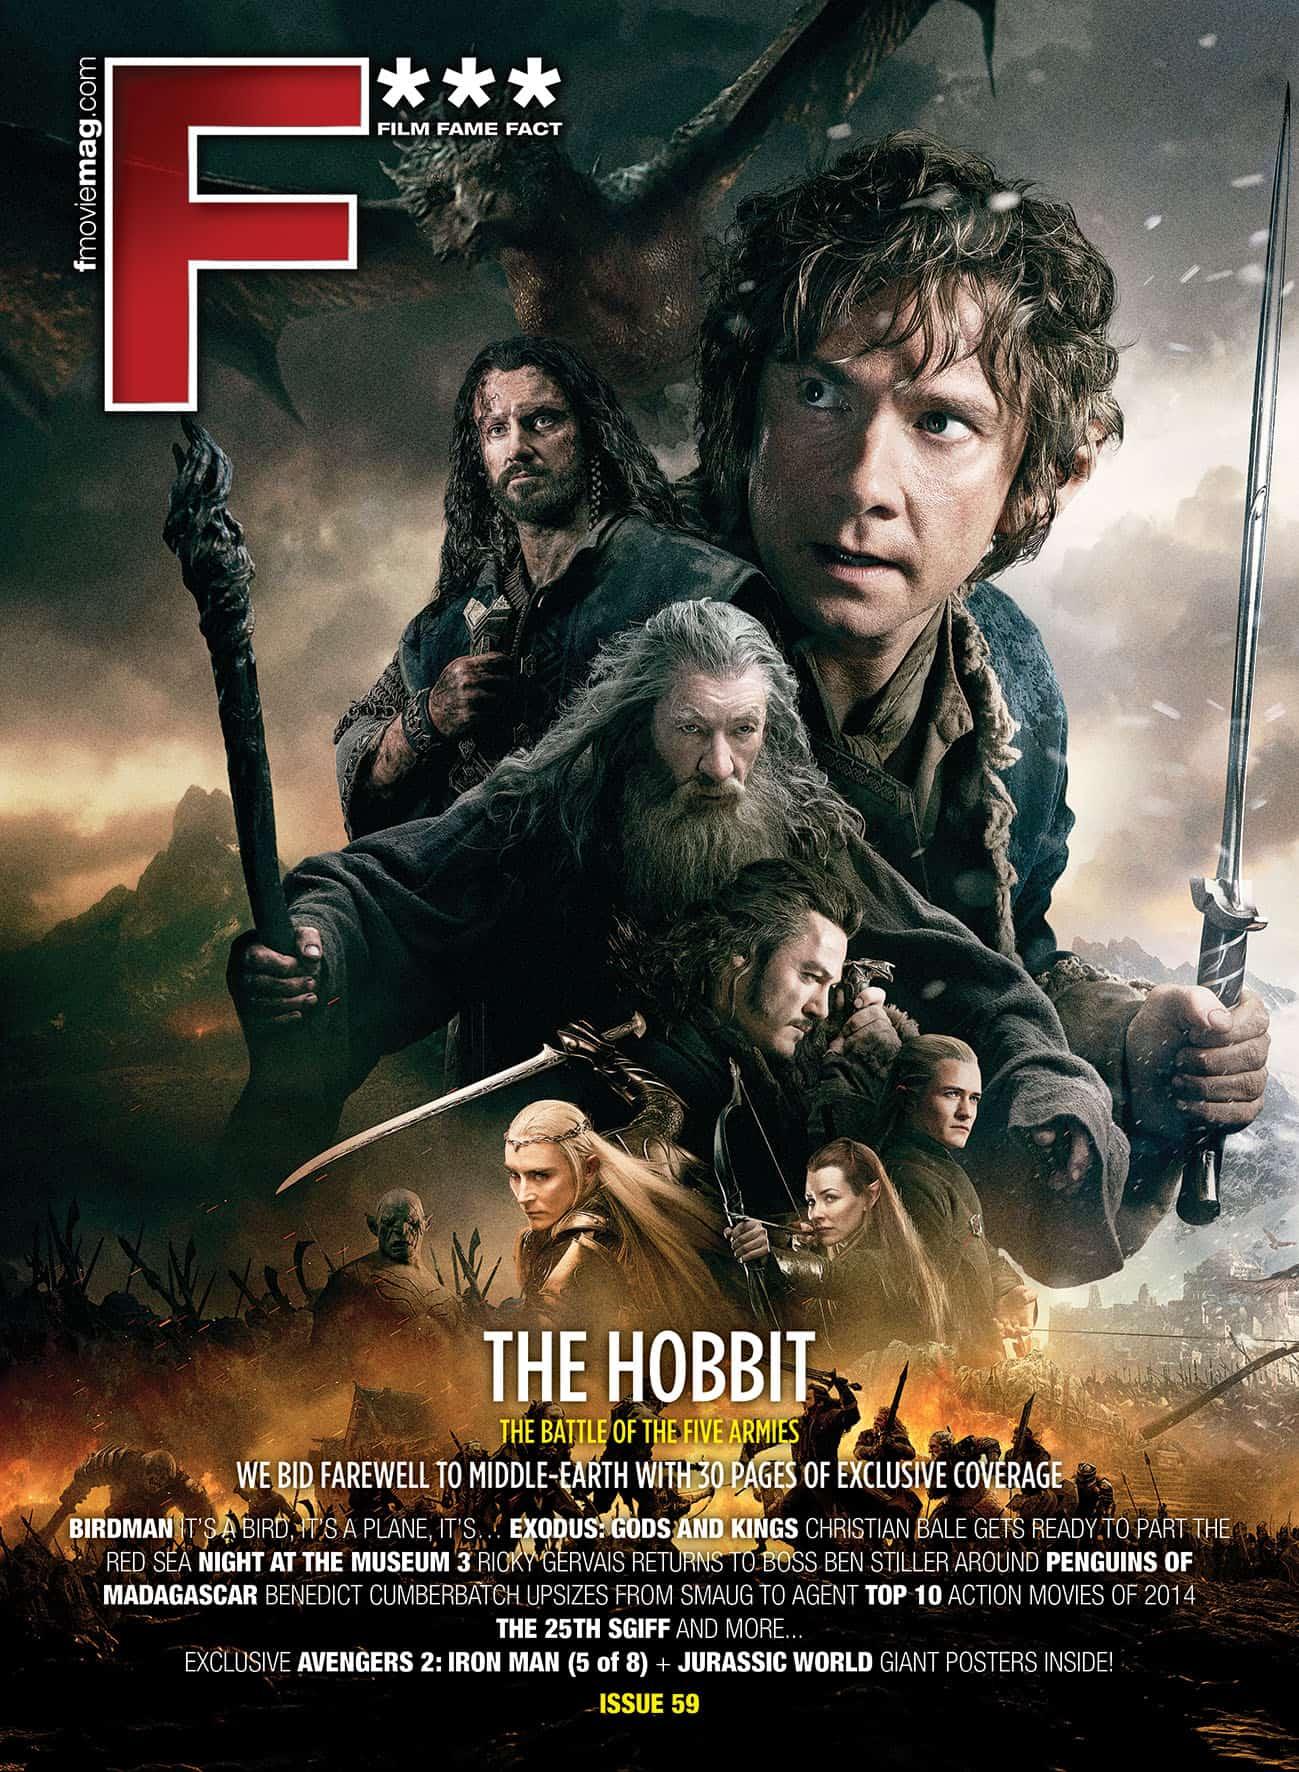 #59 (Dec 2014) The Hobbit issue